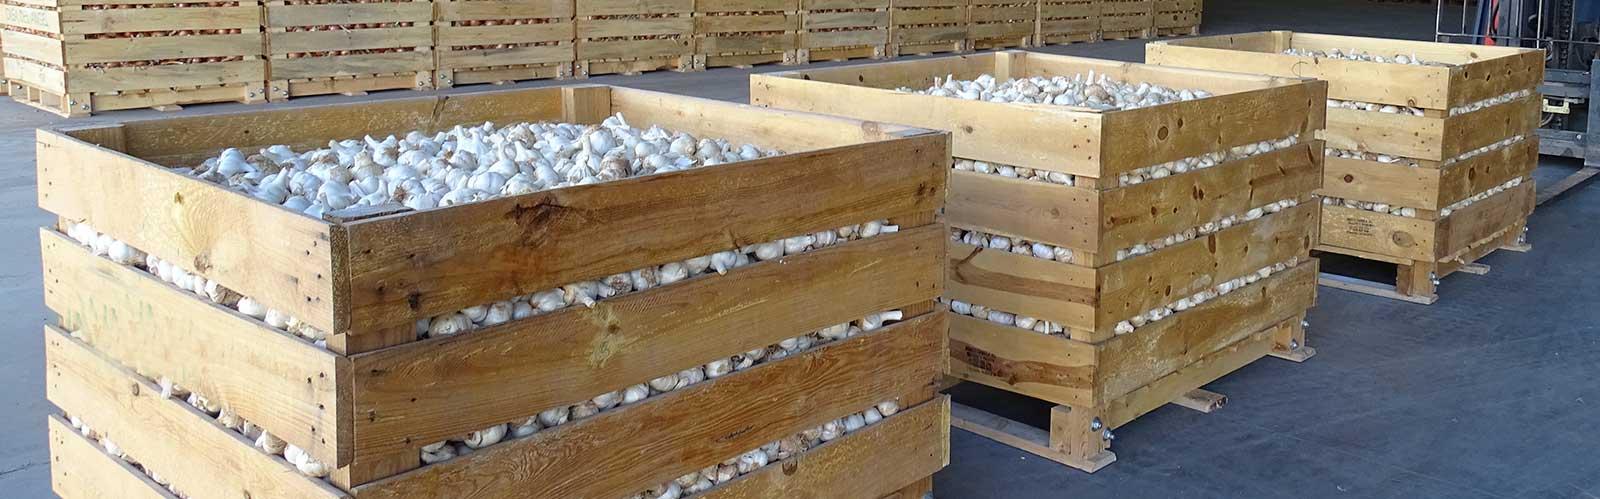 Como comprar y almacenar ajo en casa